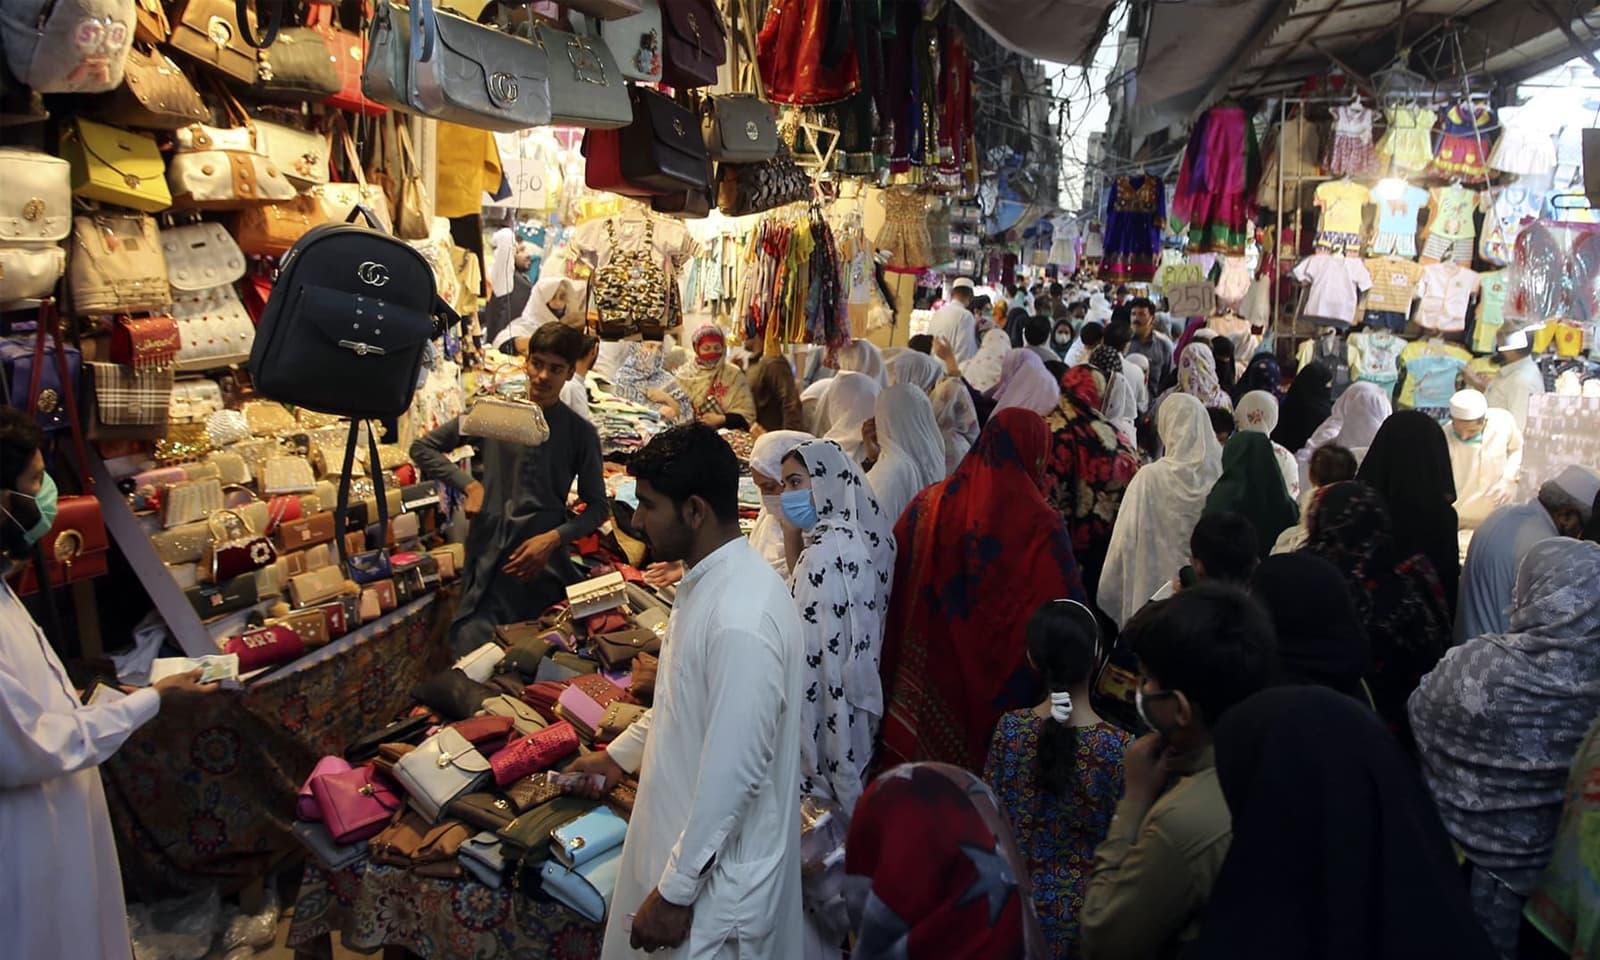 لاہور: بازار کھولنے کے بعد پہلے ہی دن عوام کی بڑی تعداد نے احتیاطی تدابیر کو بالائے طاق رکھ کر بڑی تعداد میں بازاروں کا رخ کیا— فوٹو: اے پی